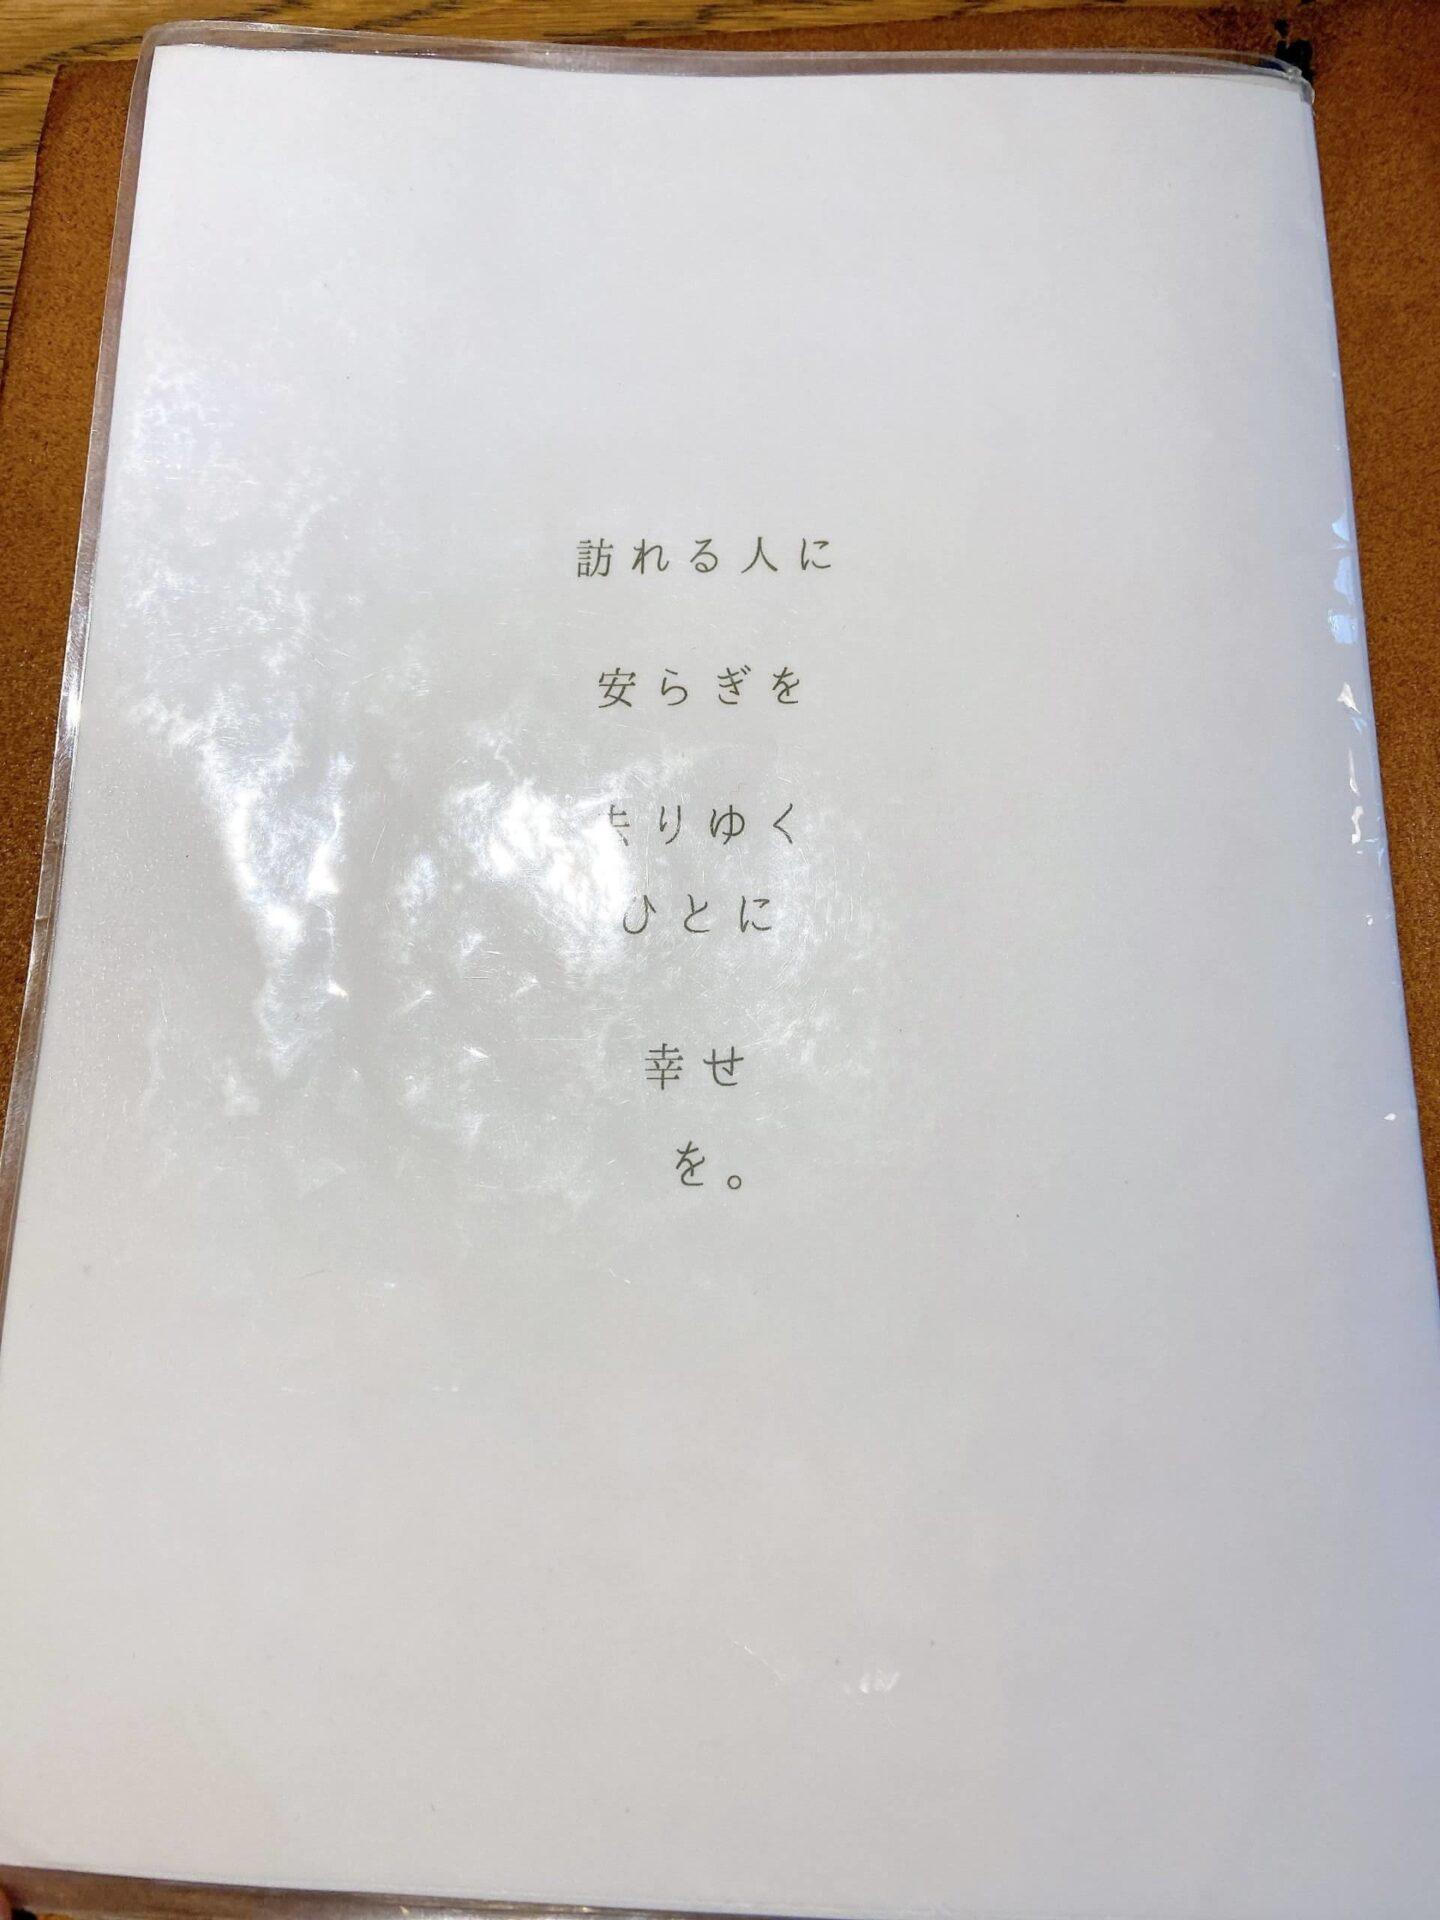 TUKUHIKO(ツクヒコ) メニュー